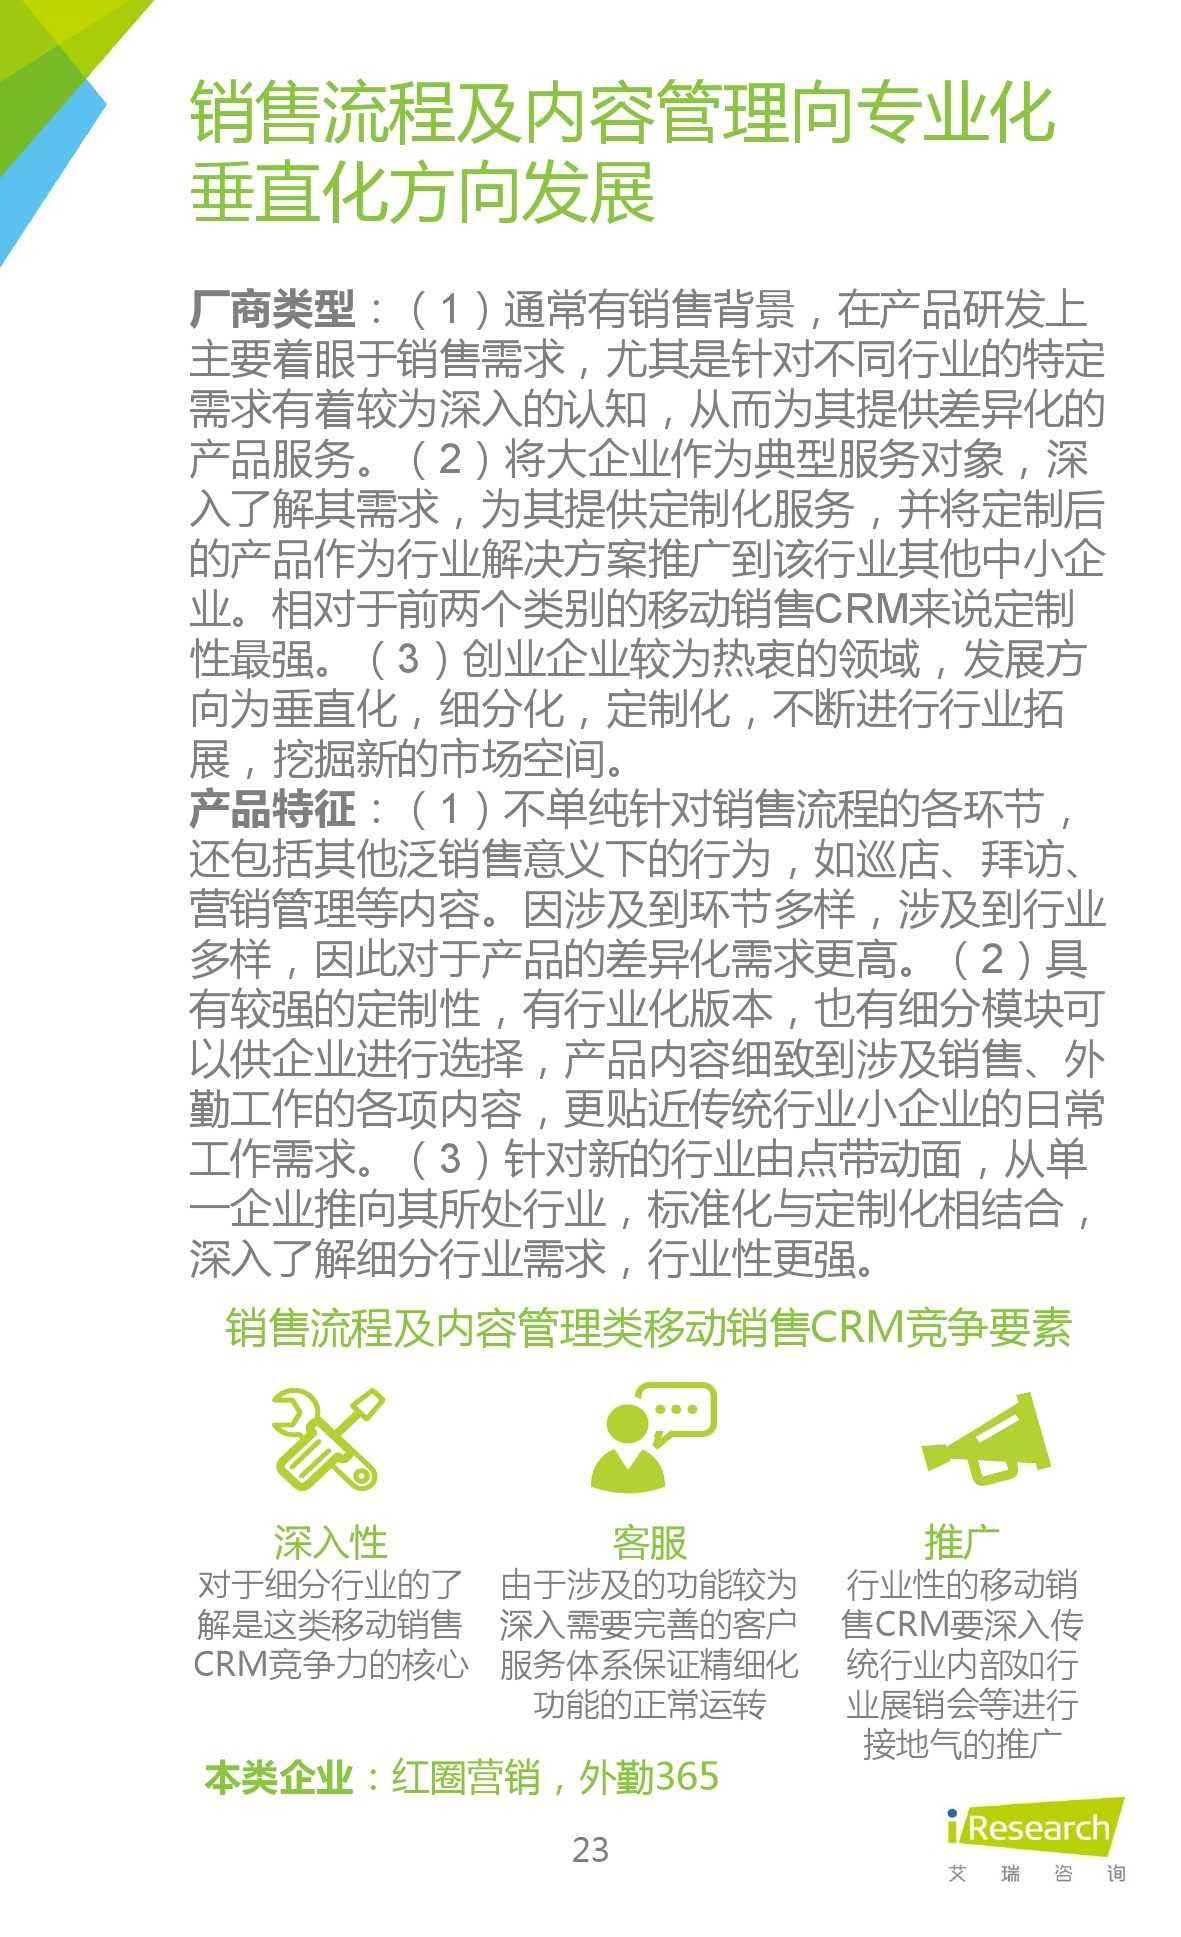 2015年中国移动销售CRM行业研究报告_000023